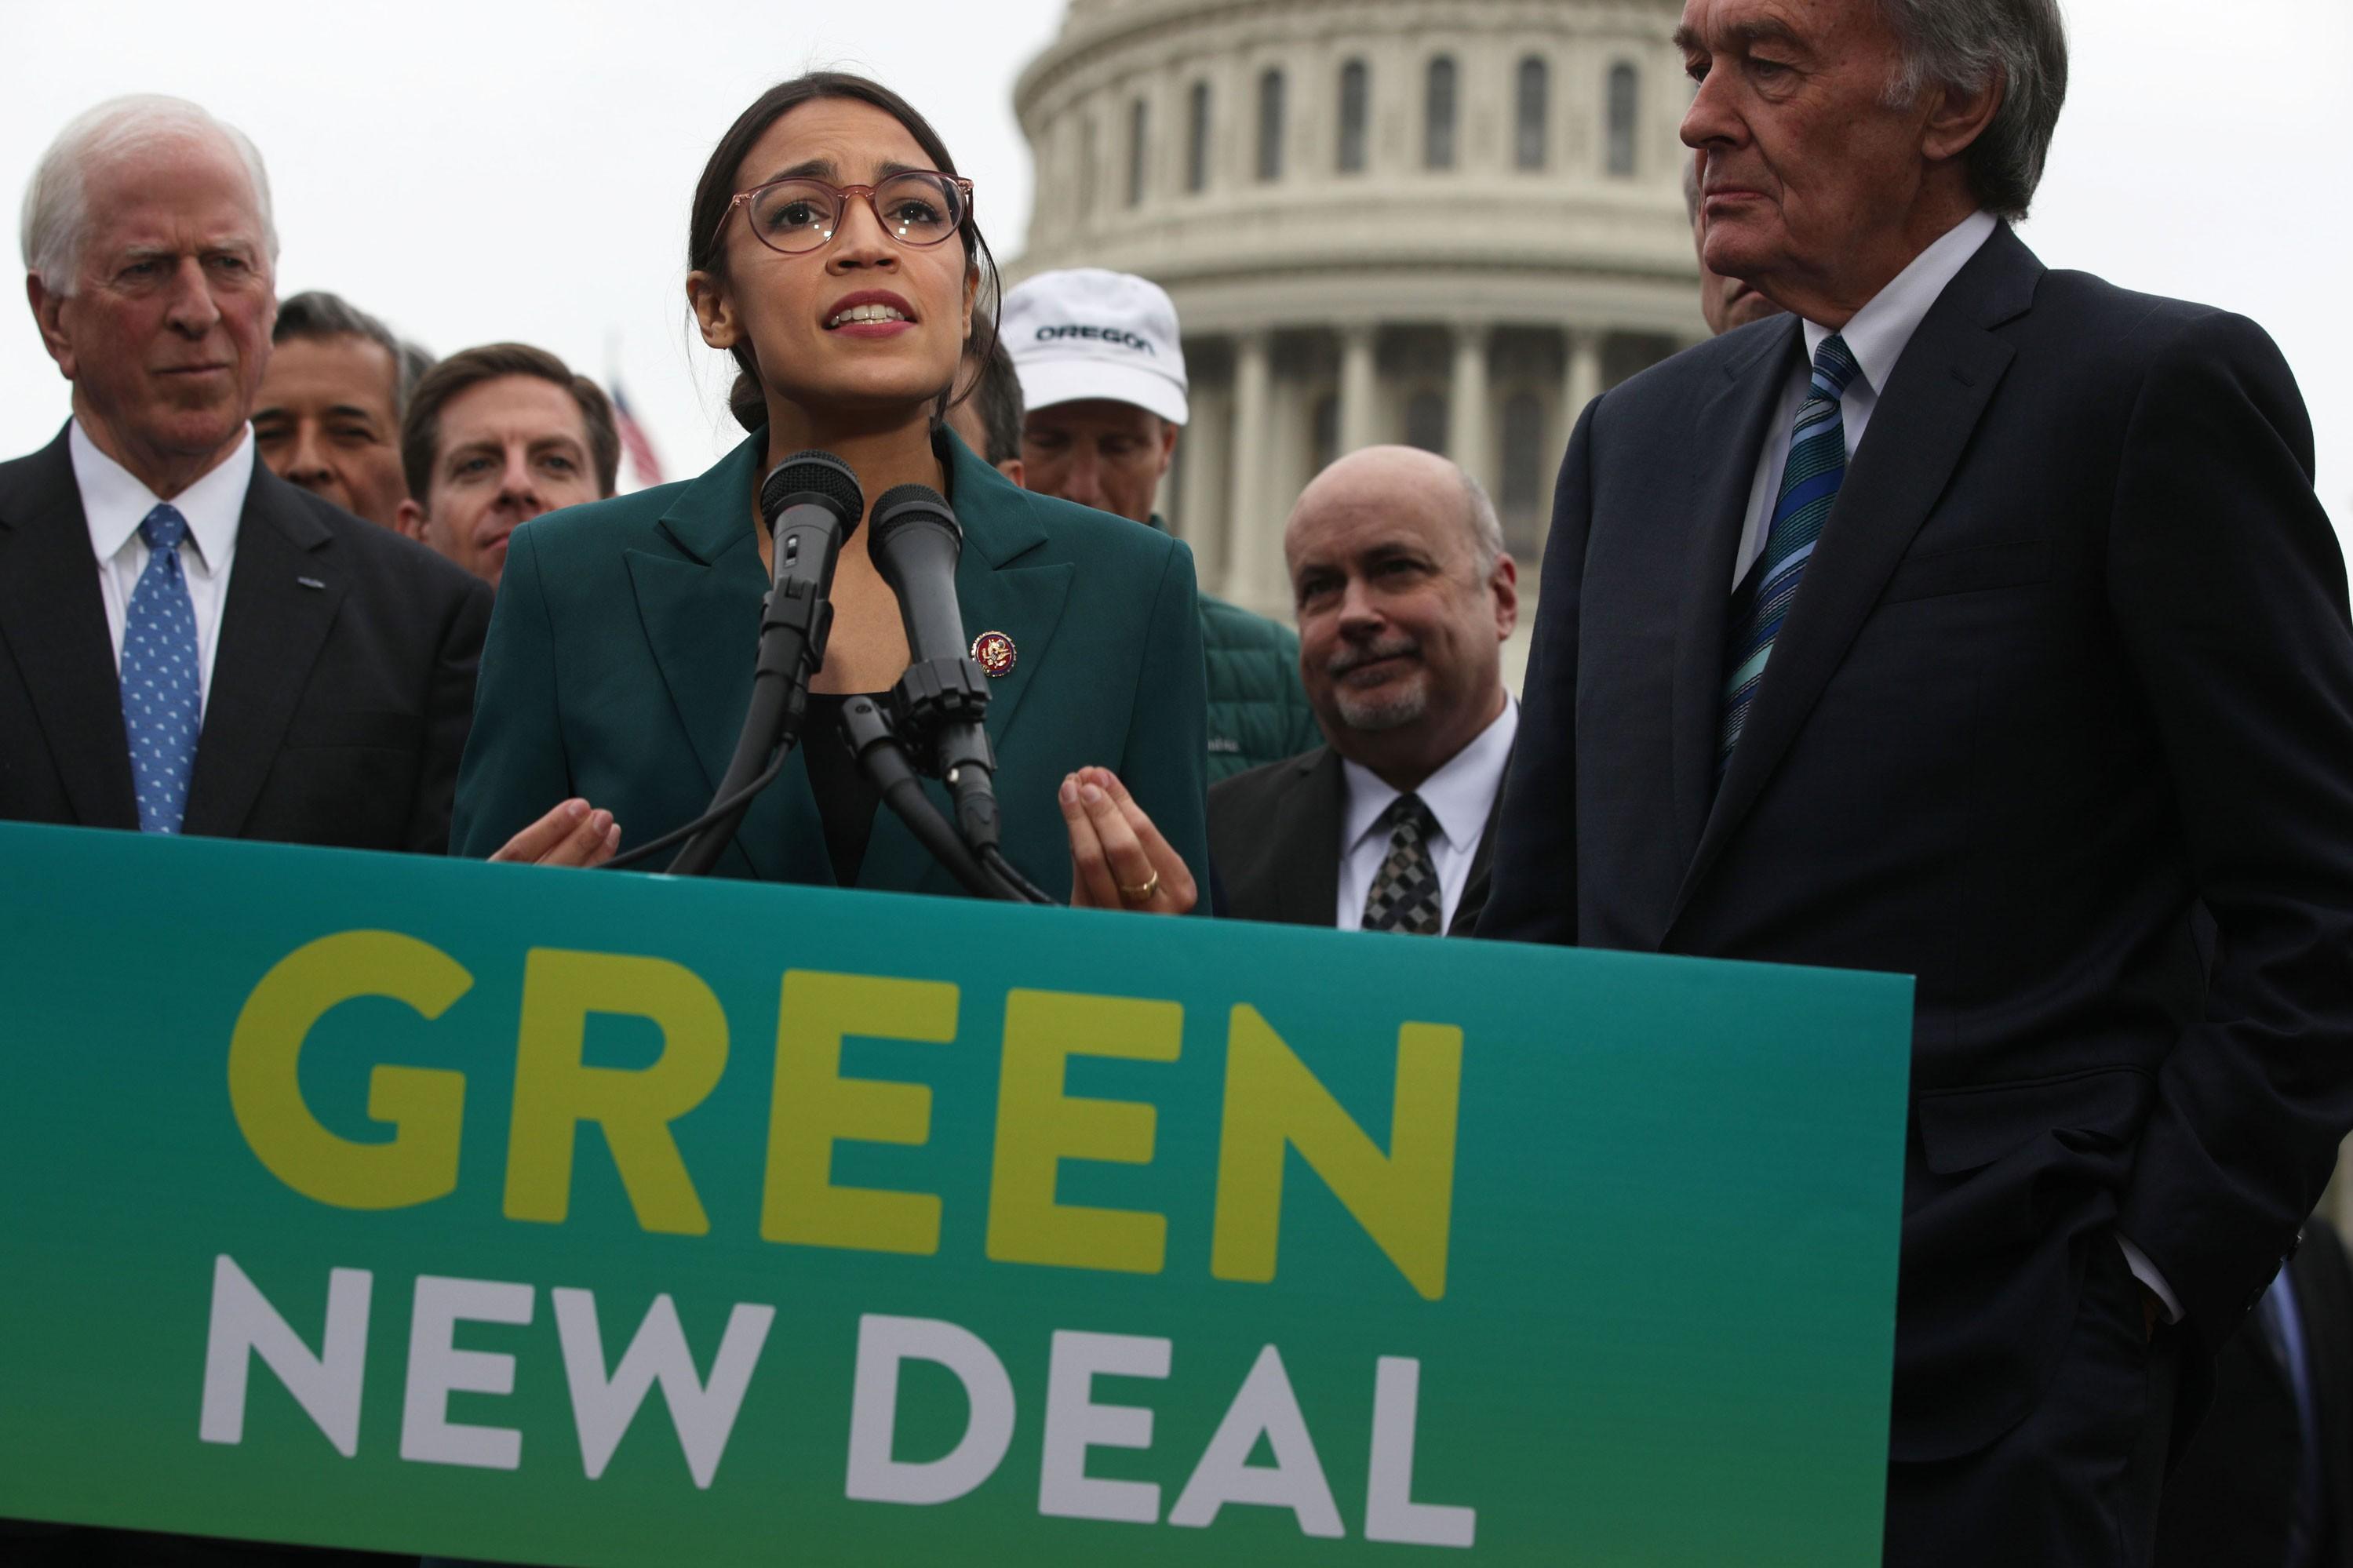 ついに発表された環境政策 グリーン・ニューディールは ただの「夢物語」なのか?